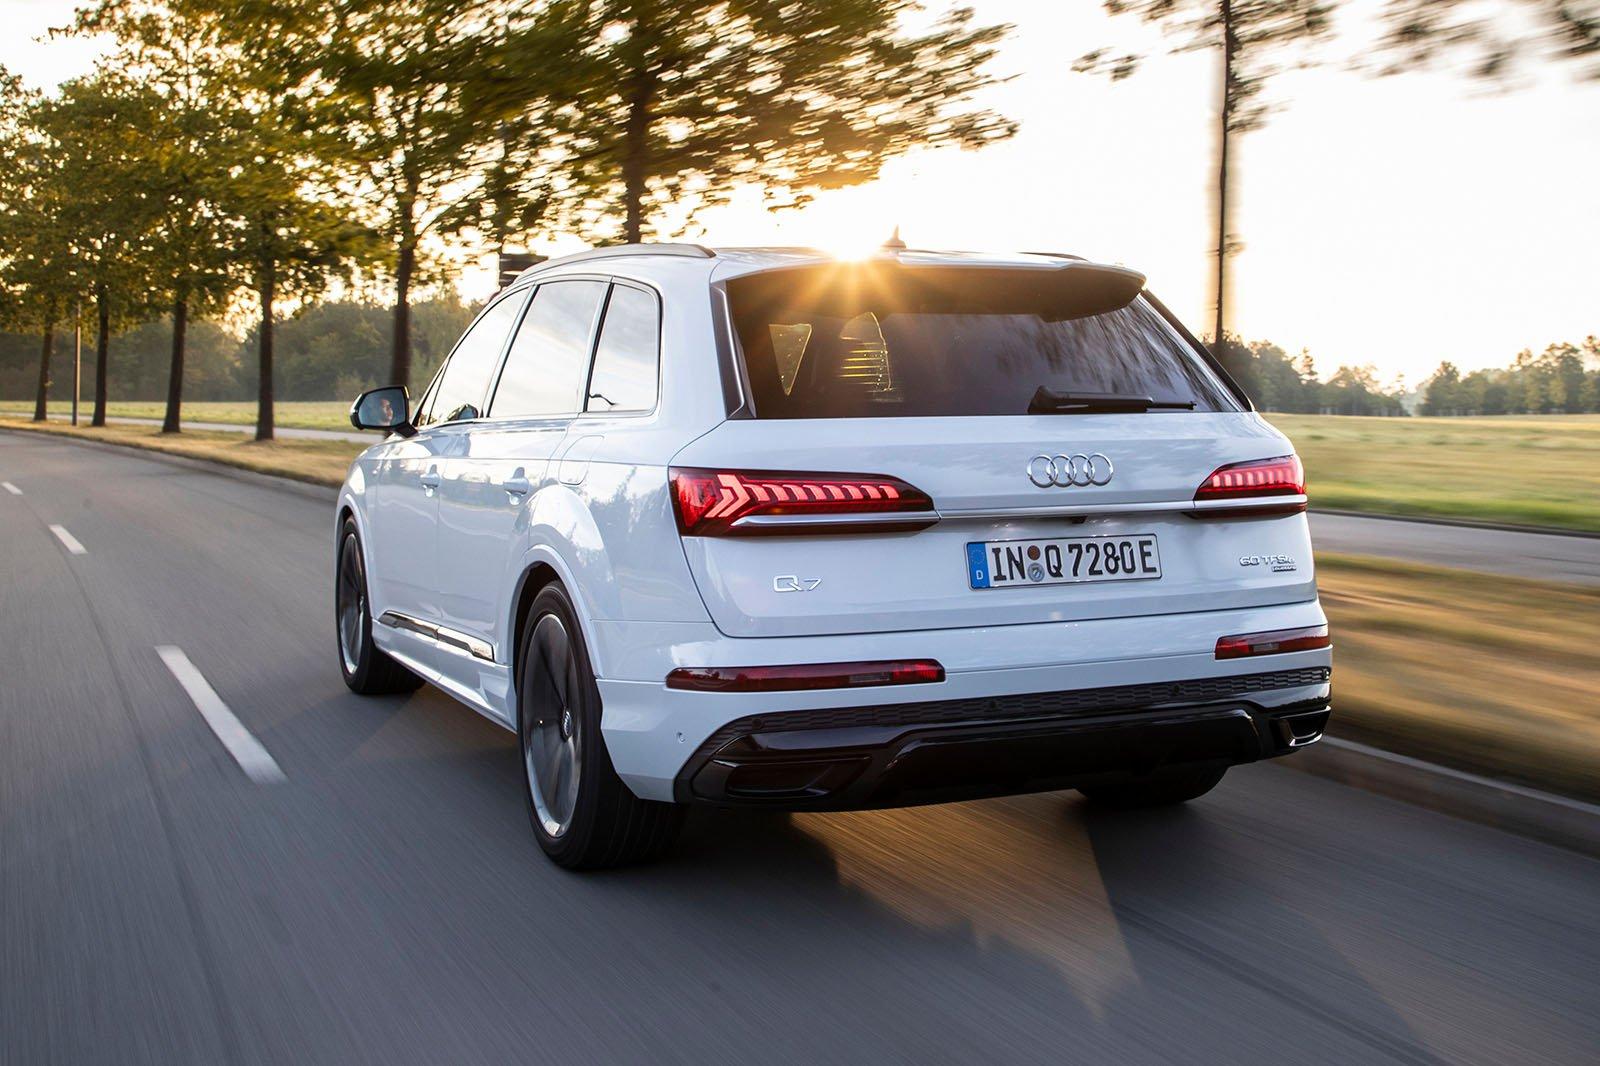 2020 Audi Q7 60 TFSIe rear alt